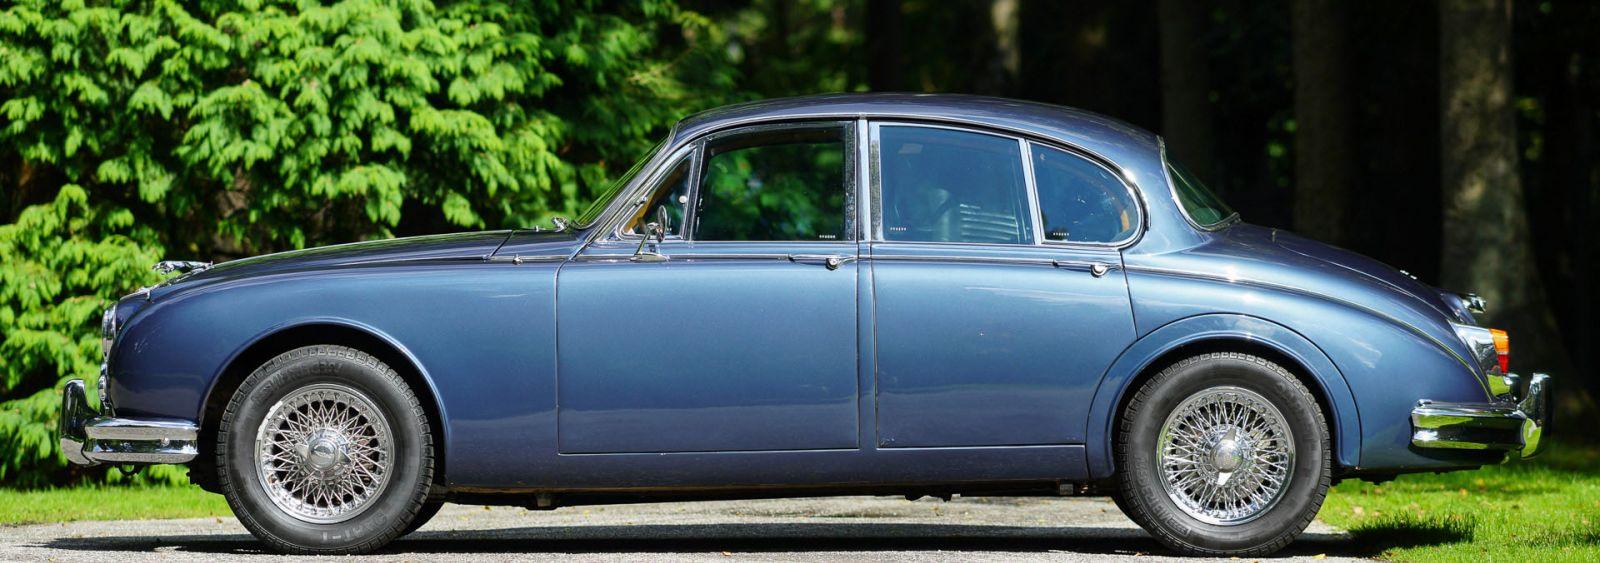 Jaguar Mk II 3.8 Litre, 1965 - Welcome to ClassiCarGarage